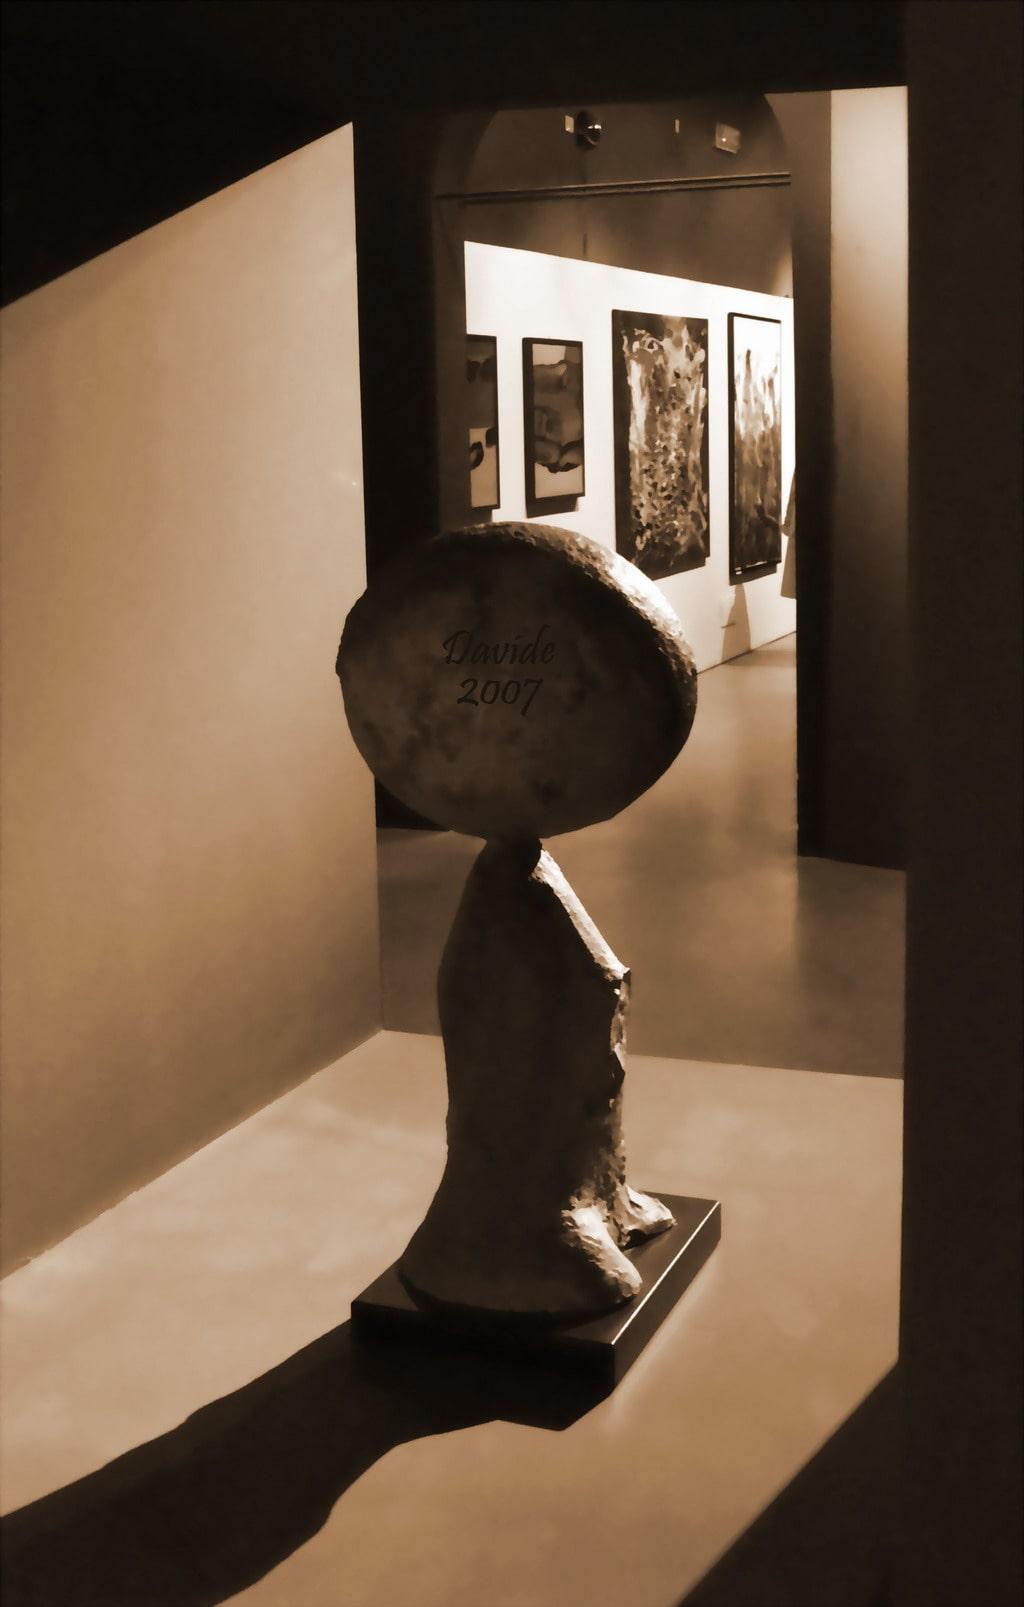 """Davide, """"Scultura in chiaroscuro"""", Pisa (Toscana – Italia), novembre 2007. © Davide Tansini"""